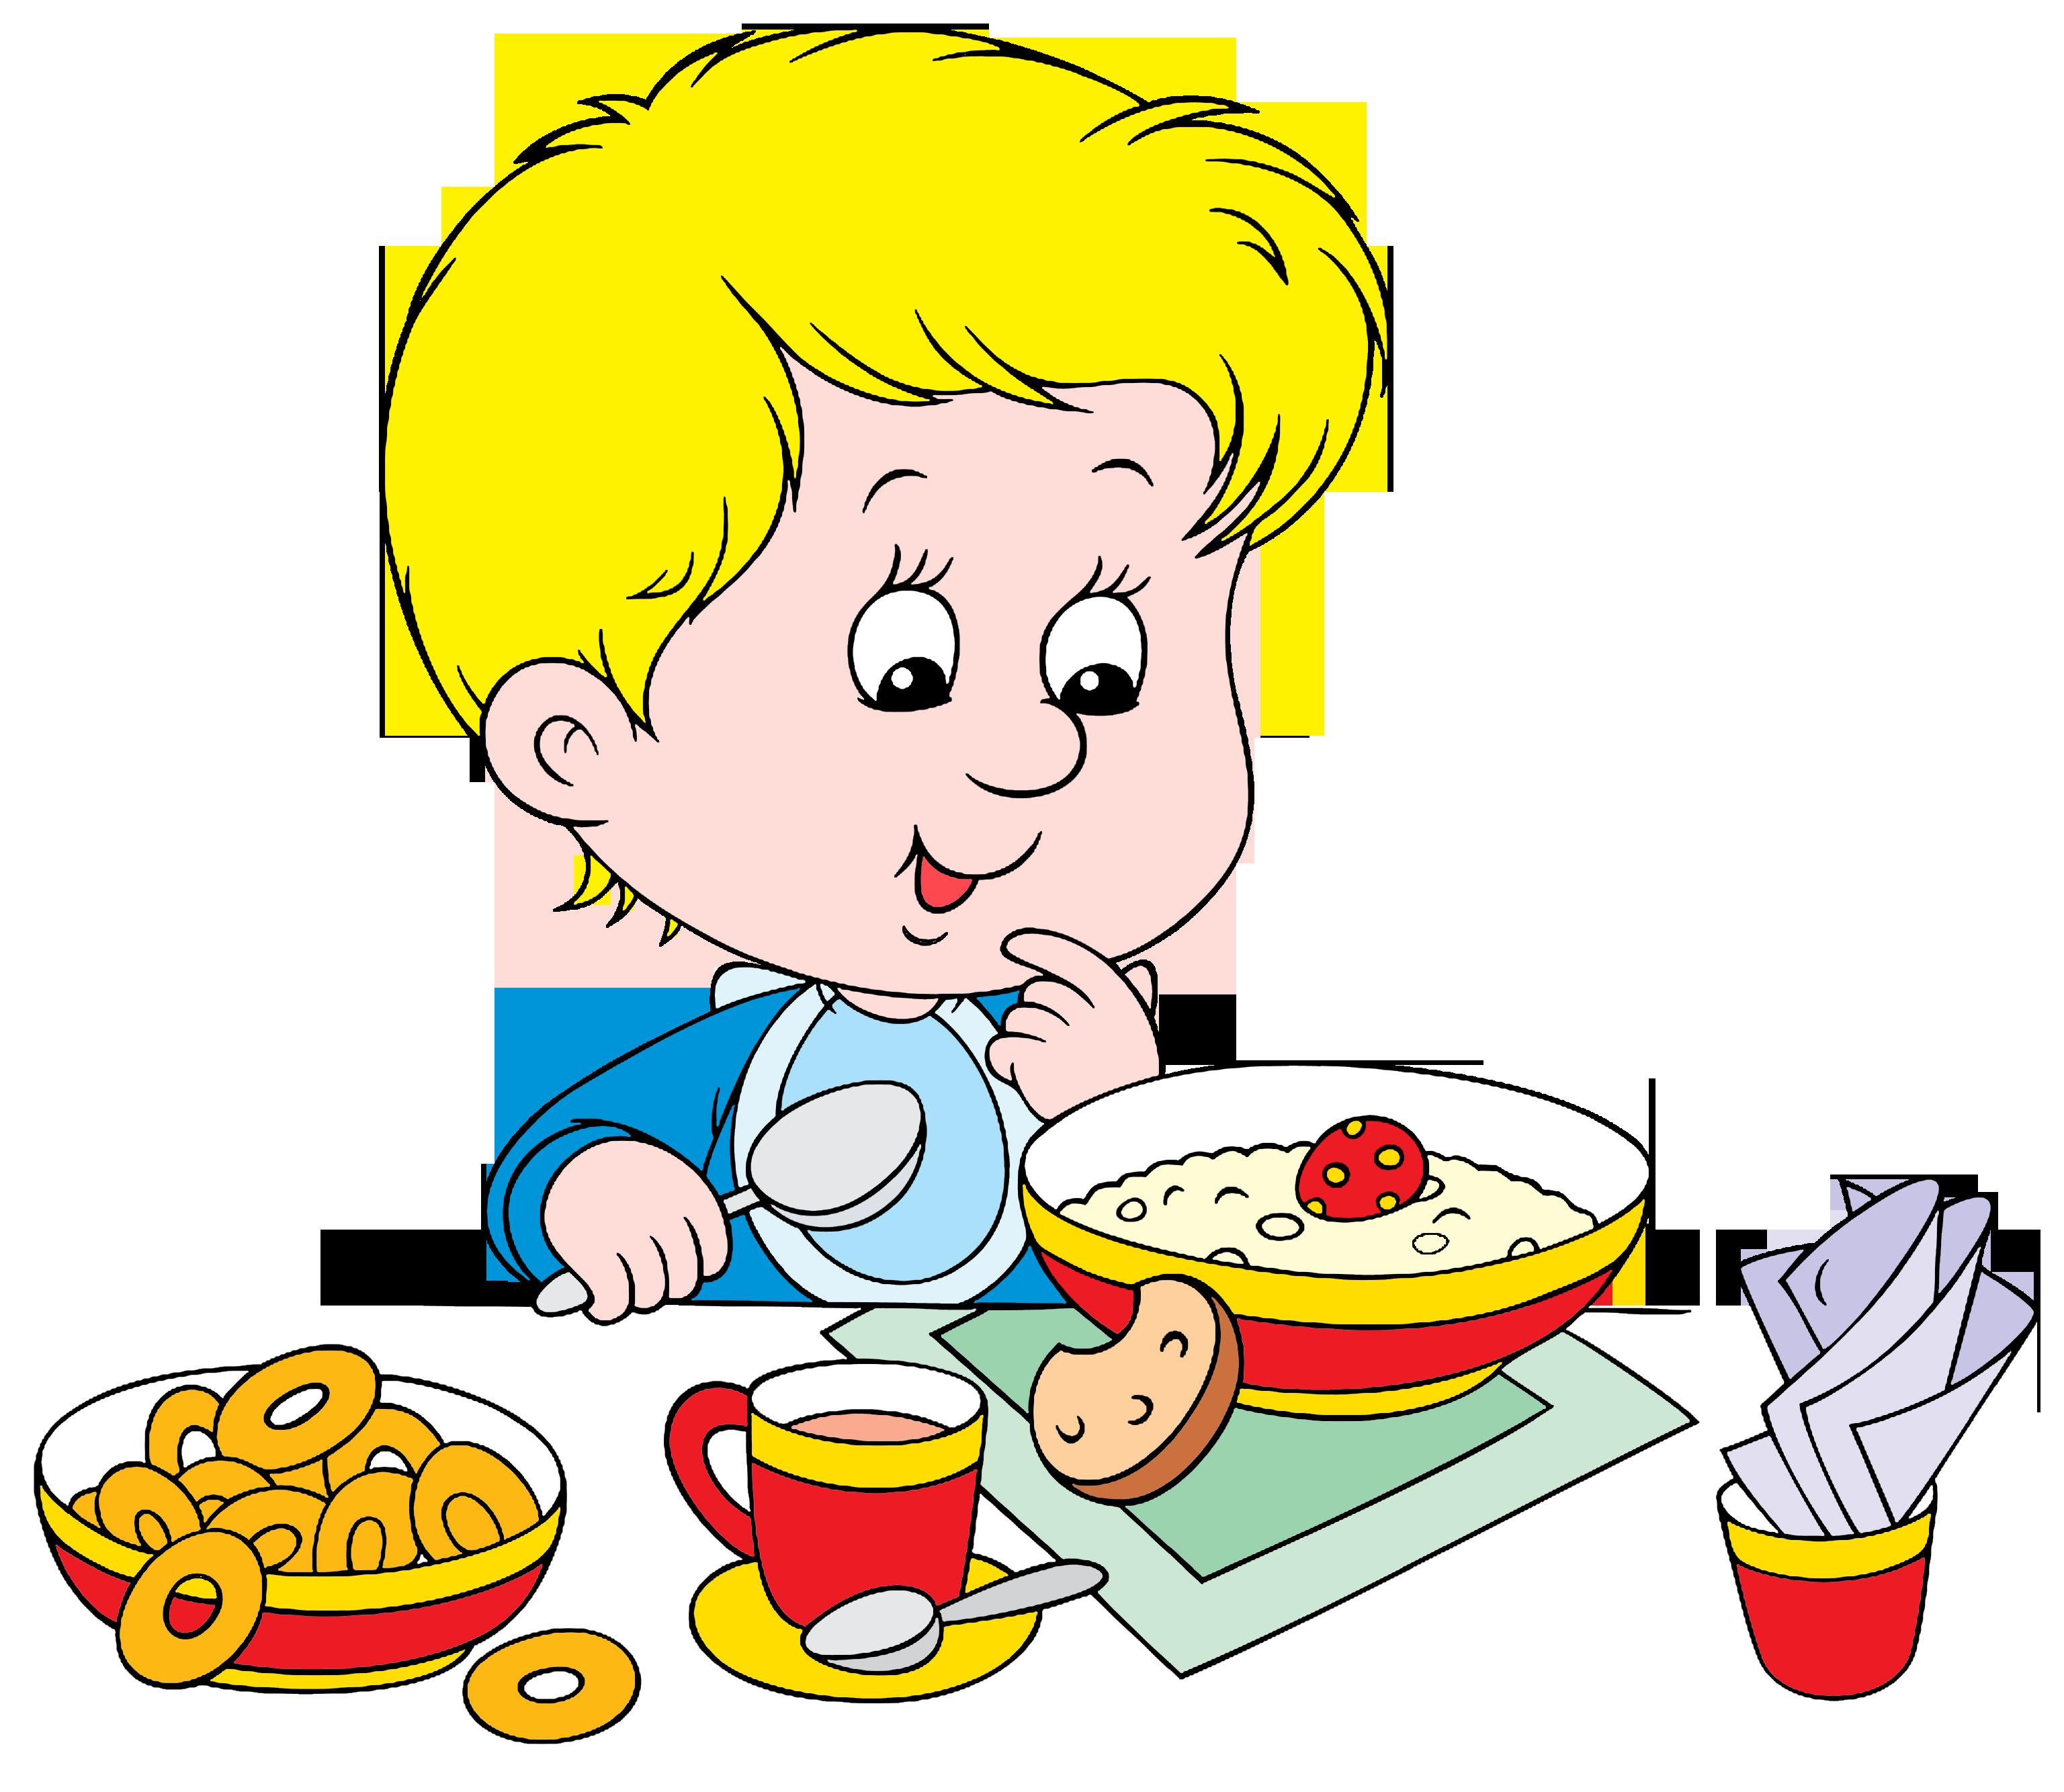 составляющие здорового образа жизни для детей